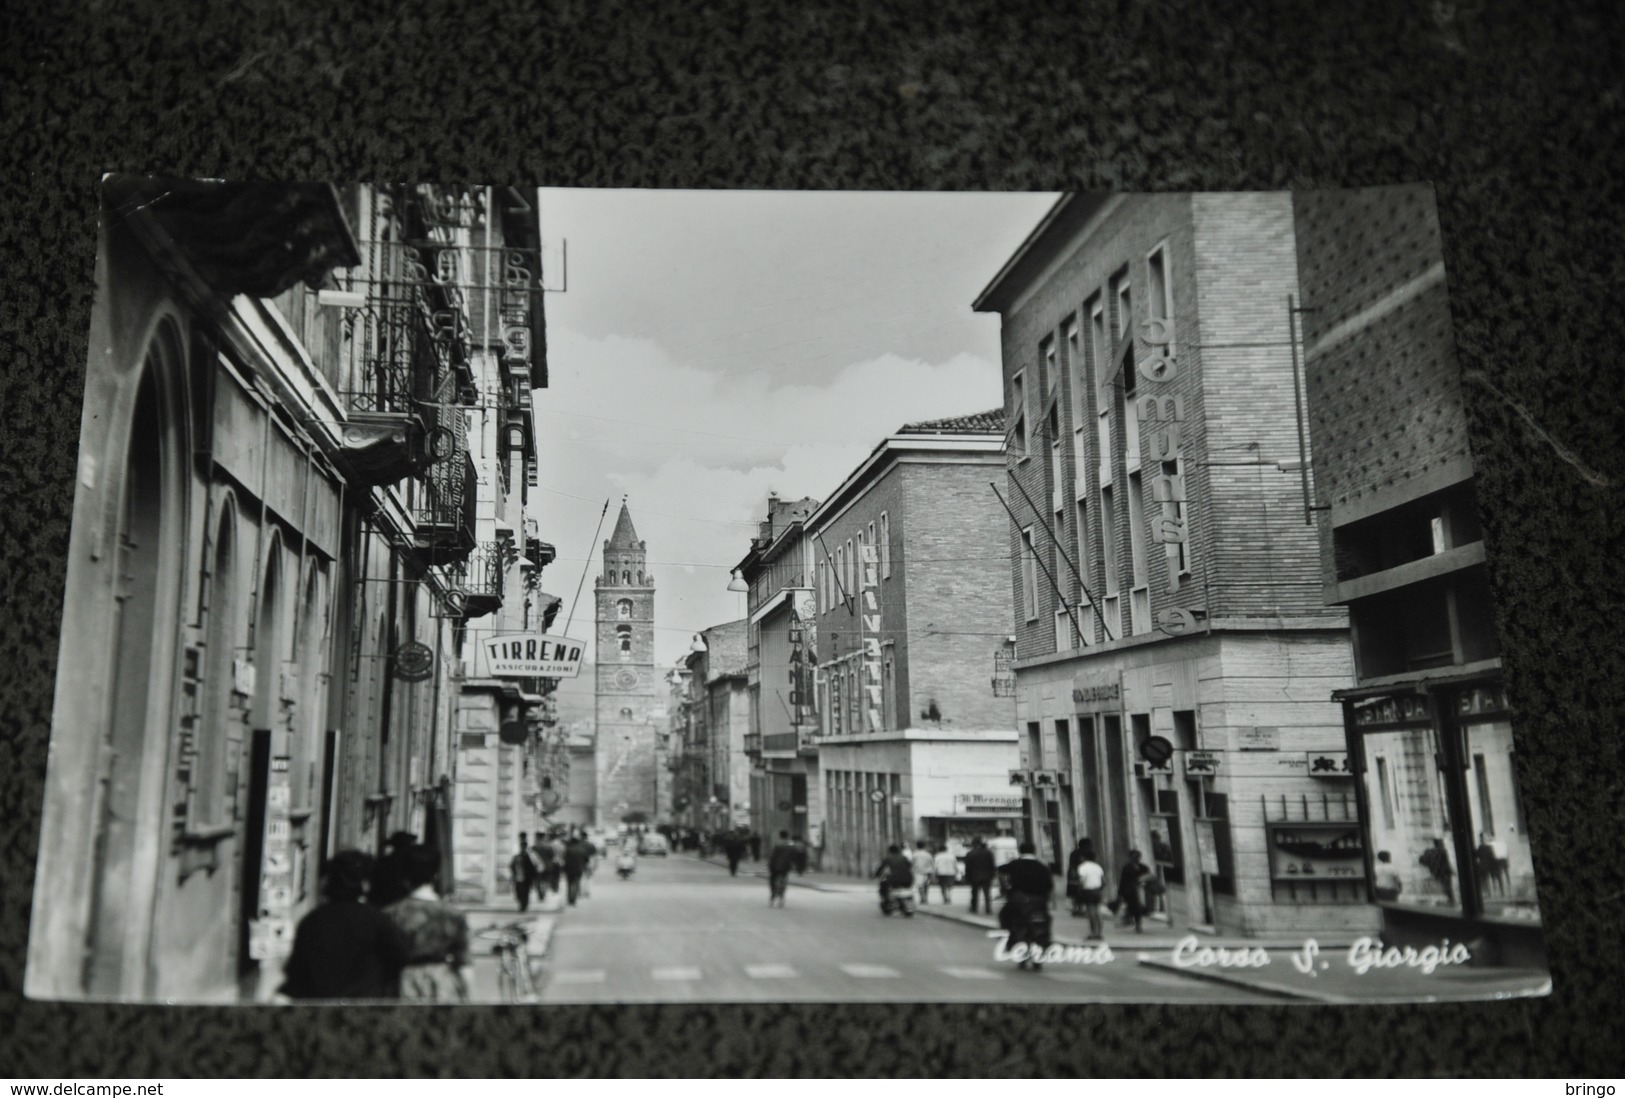 896- Teramo, Corso S. Giorgio - 1968 - Teramo